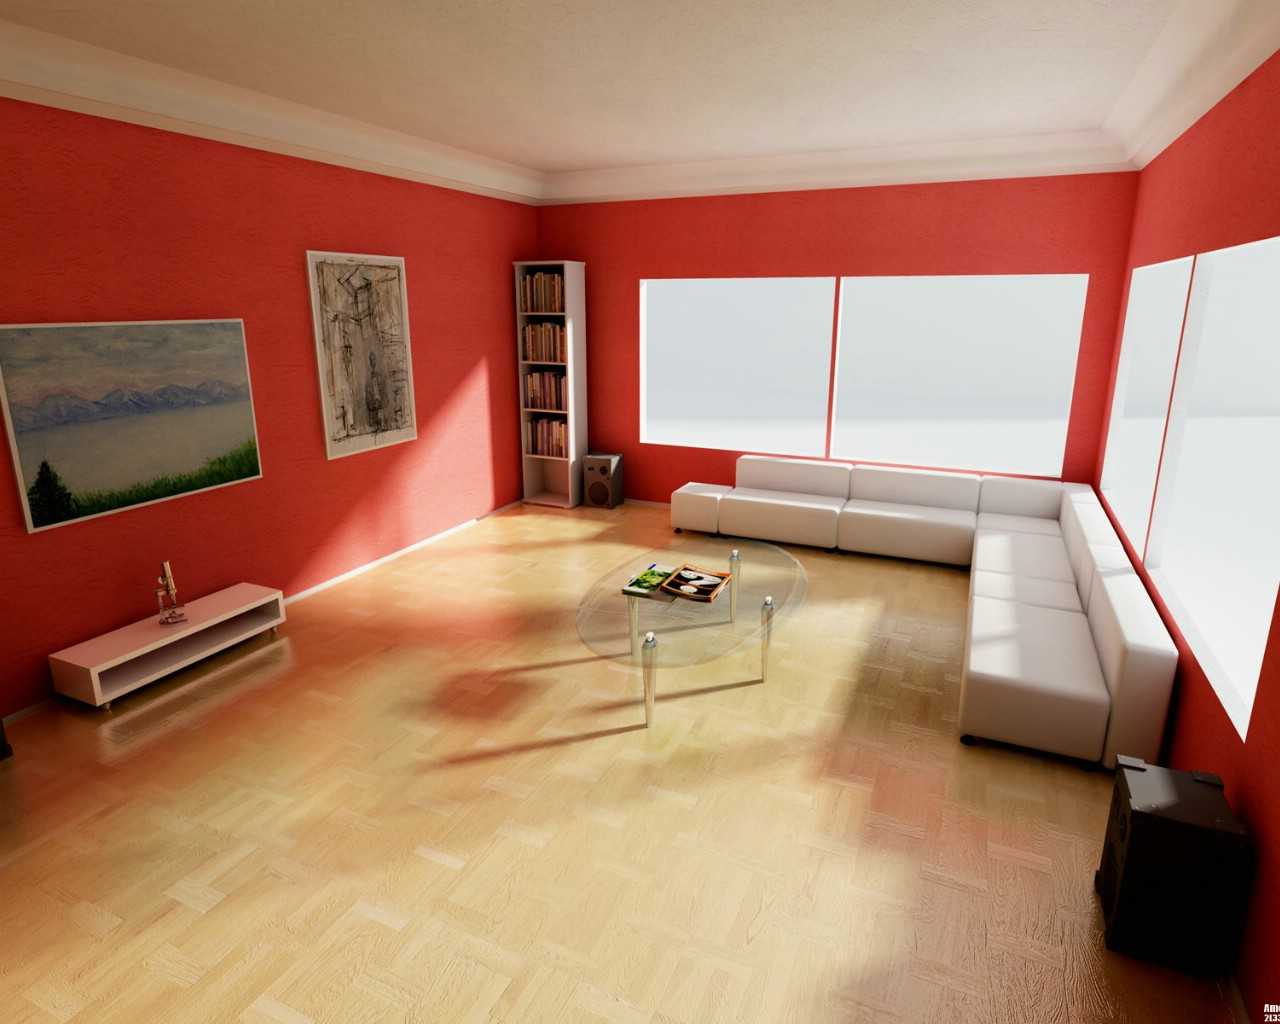 壁纸1280×1024时尚室内设计漂亮壁纸 壁纸32壁纸 时尚室内设计漂亮壁纸壁纸图片建筑壁纸建筑图片素材桌面壁纸